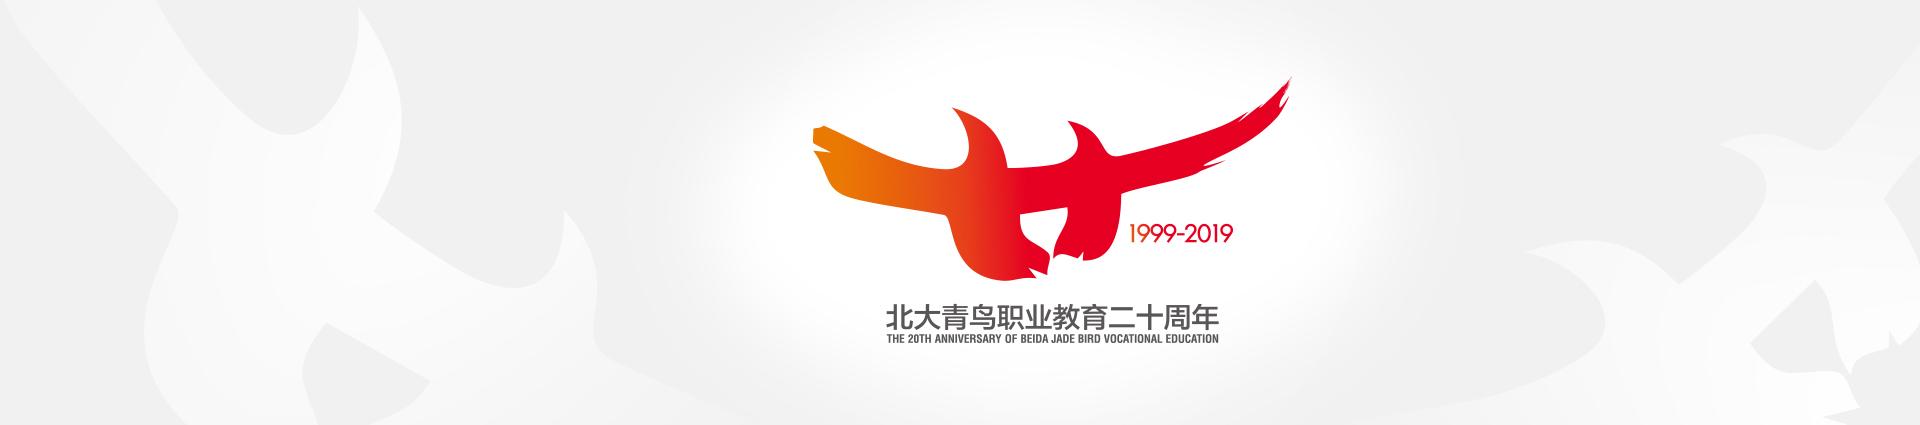 北大青鸟职业教育二十周年